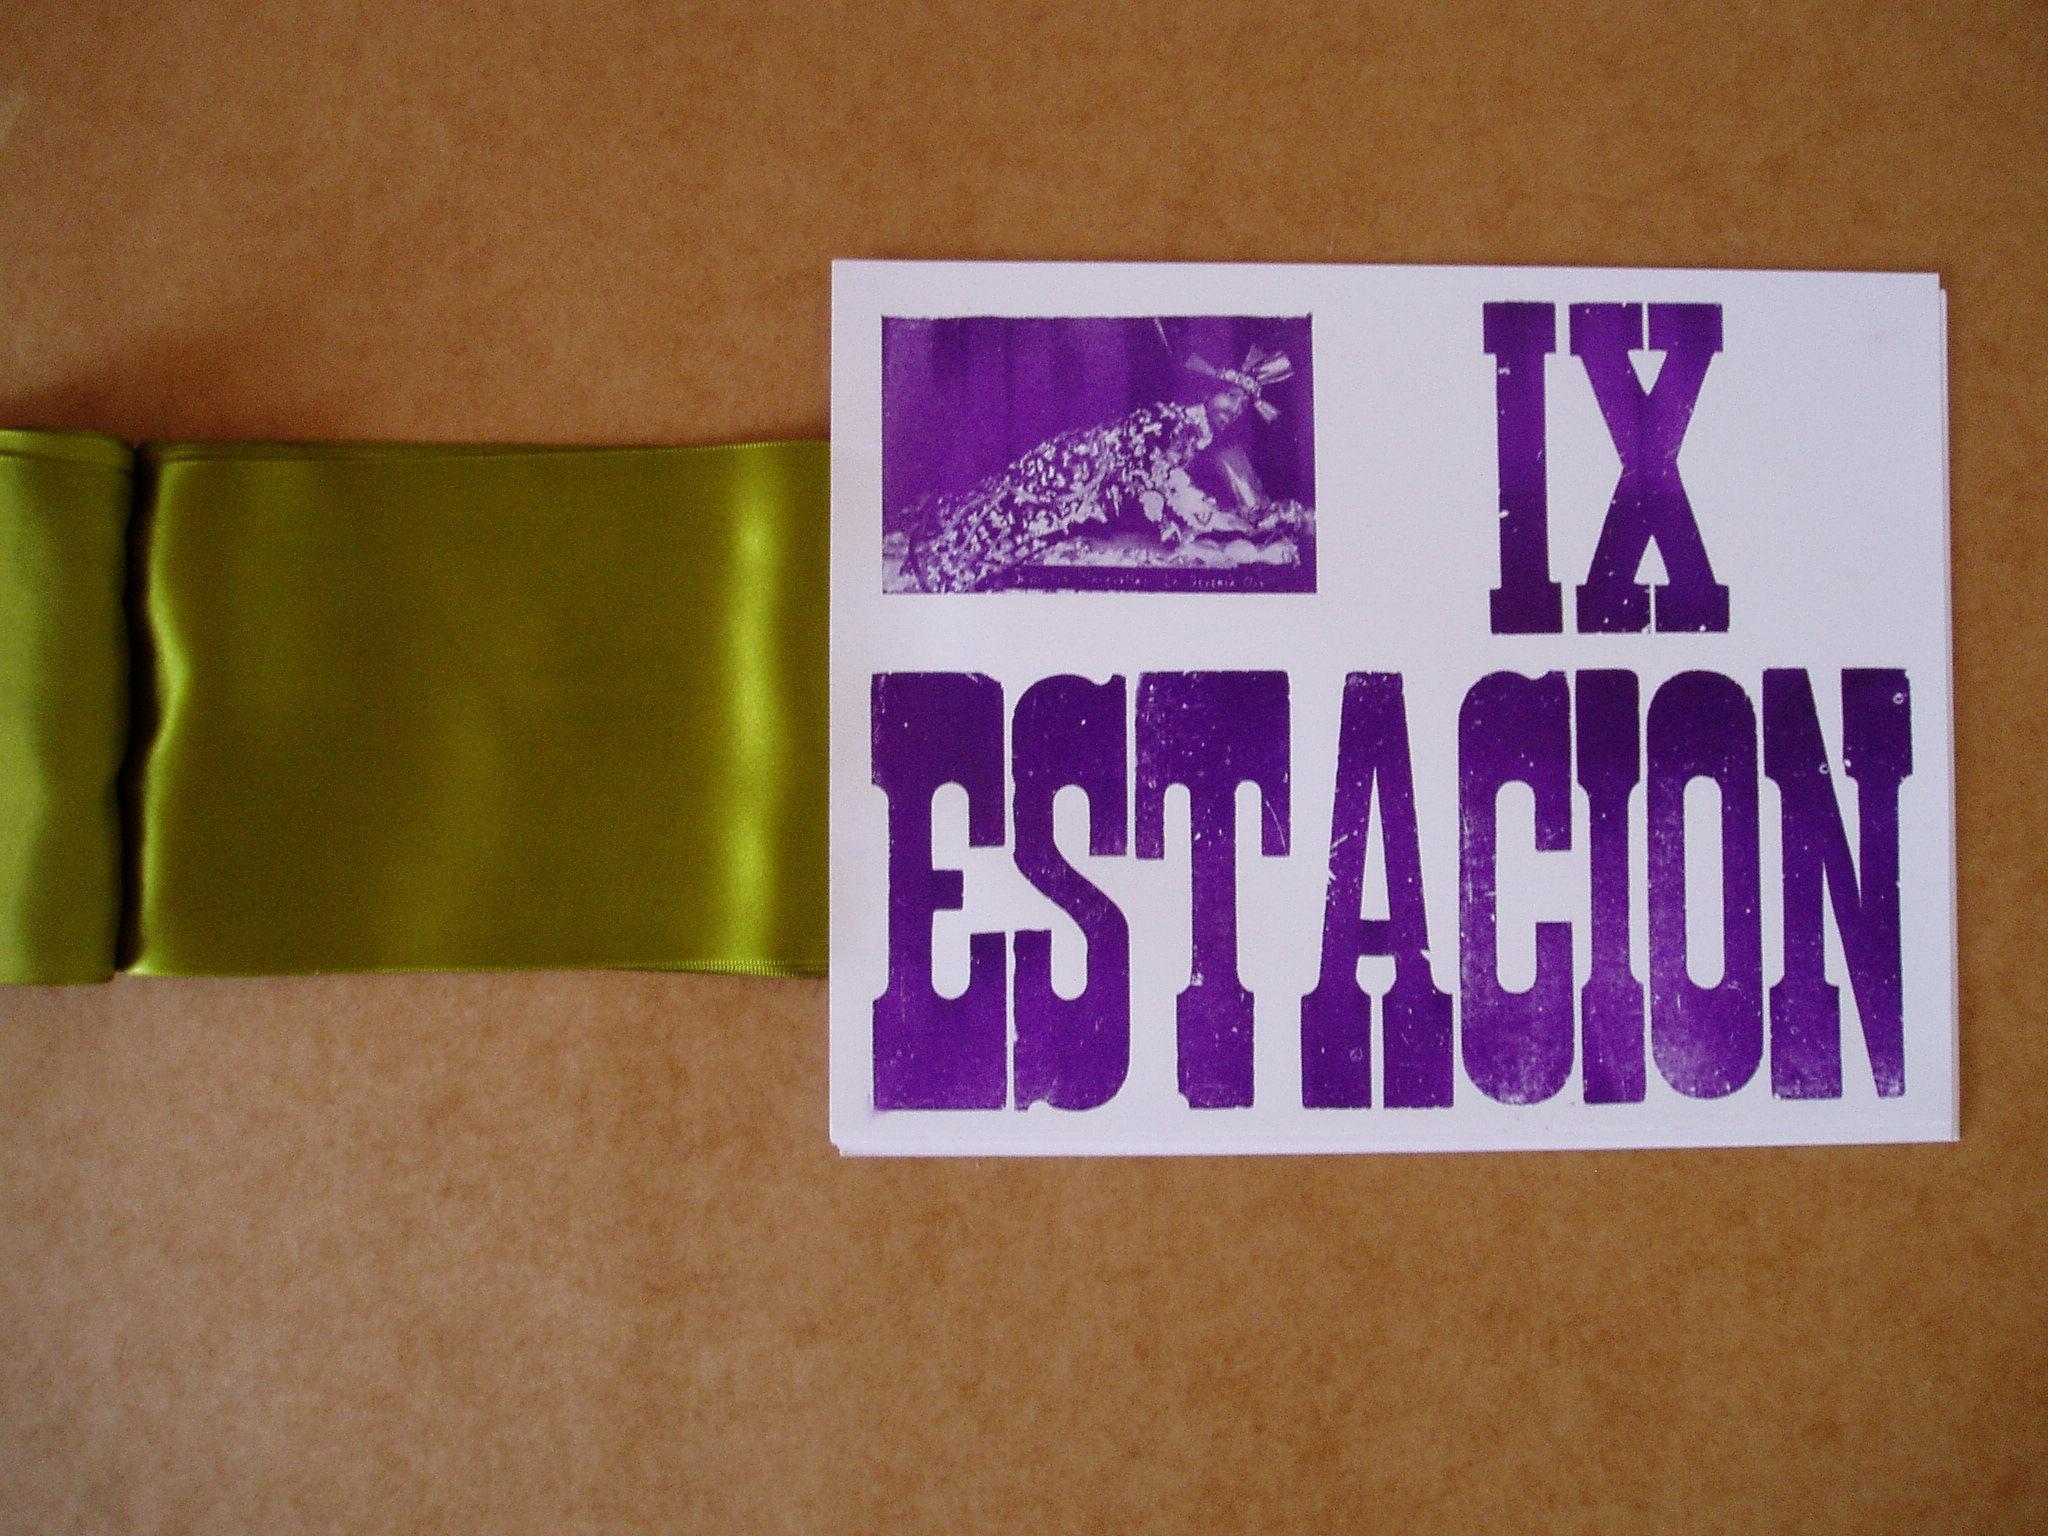 09. IX Estacion.JPG